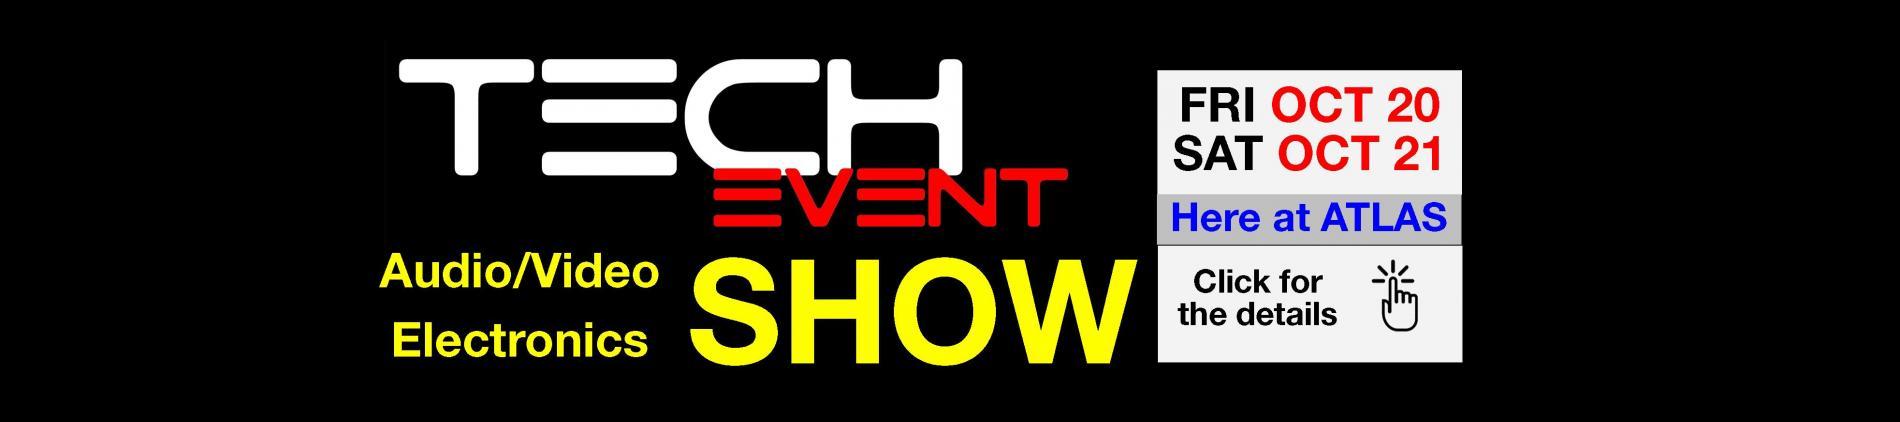 Tech Event Slide 2